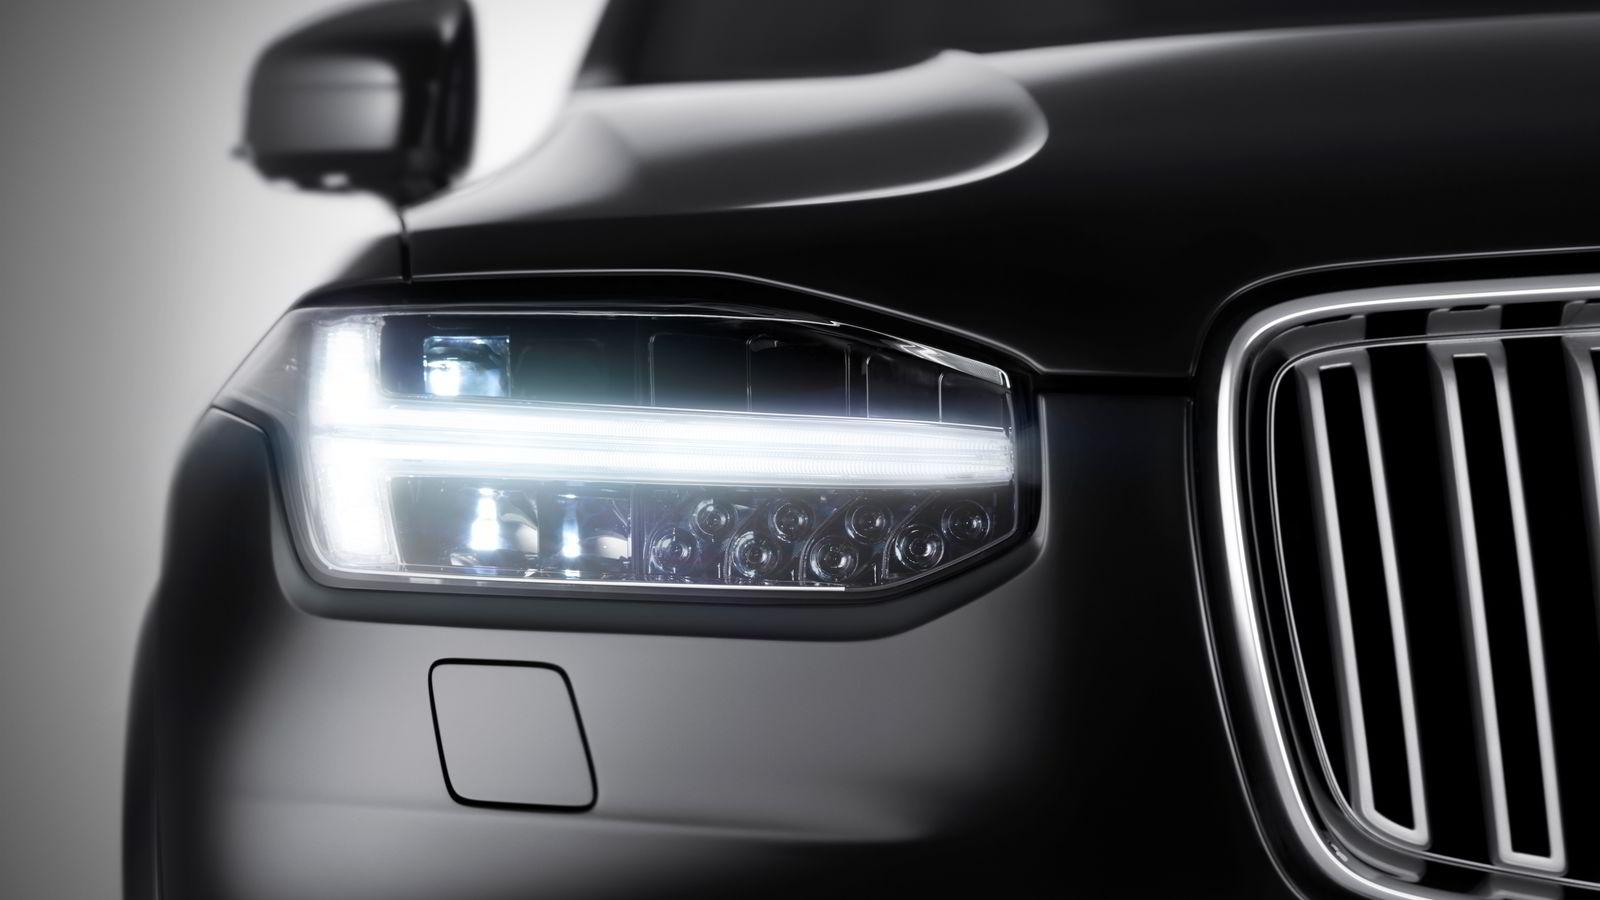 Volvo XC90 kommer til Norge i starten av neste år. Dette er foreløpig det eneste bildet Volvo har sluppet av den nye modellen, og viser bilens LED-lys som visstnok er inspirert av Tors hammer.